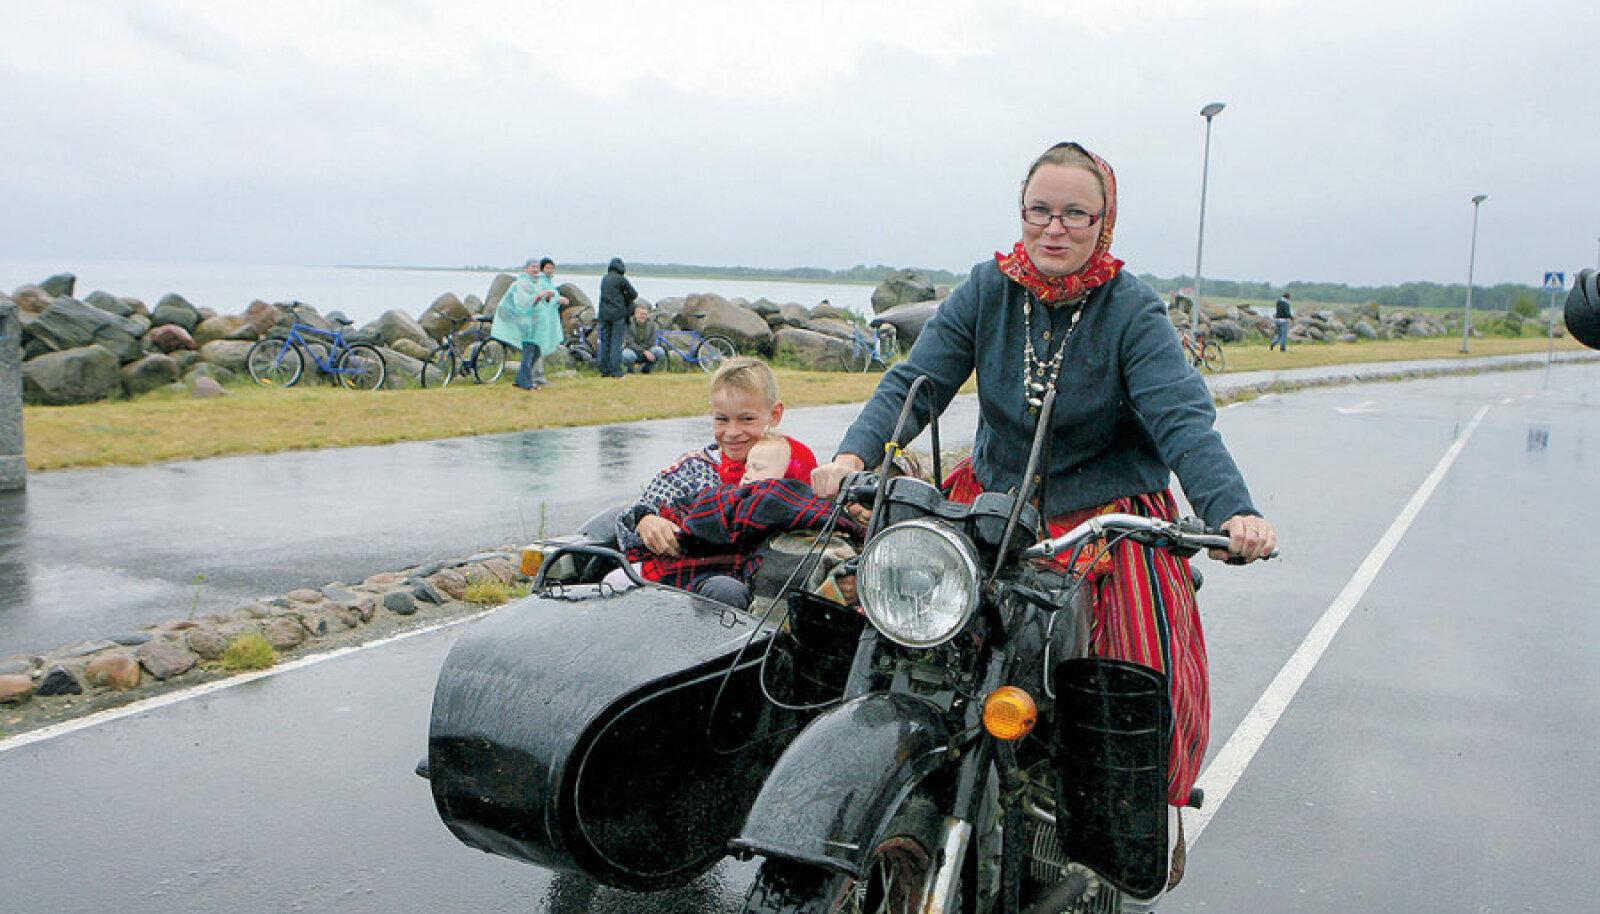 Kui president Ilves külastas 2008. aastal Kihnu saart, oli sadamas mootorrattaga vastas ka Mare Mätas. Pobleeme ei tekkinud, kuigi meedia kajastas visiiti põhjalikult.